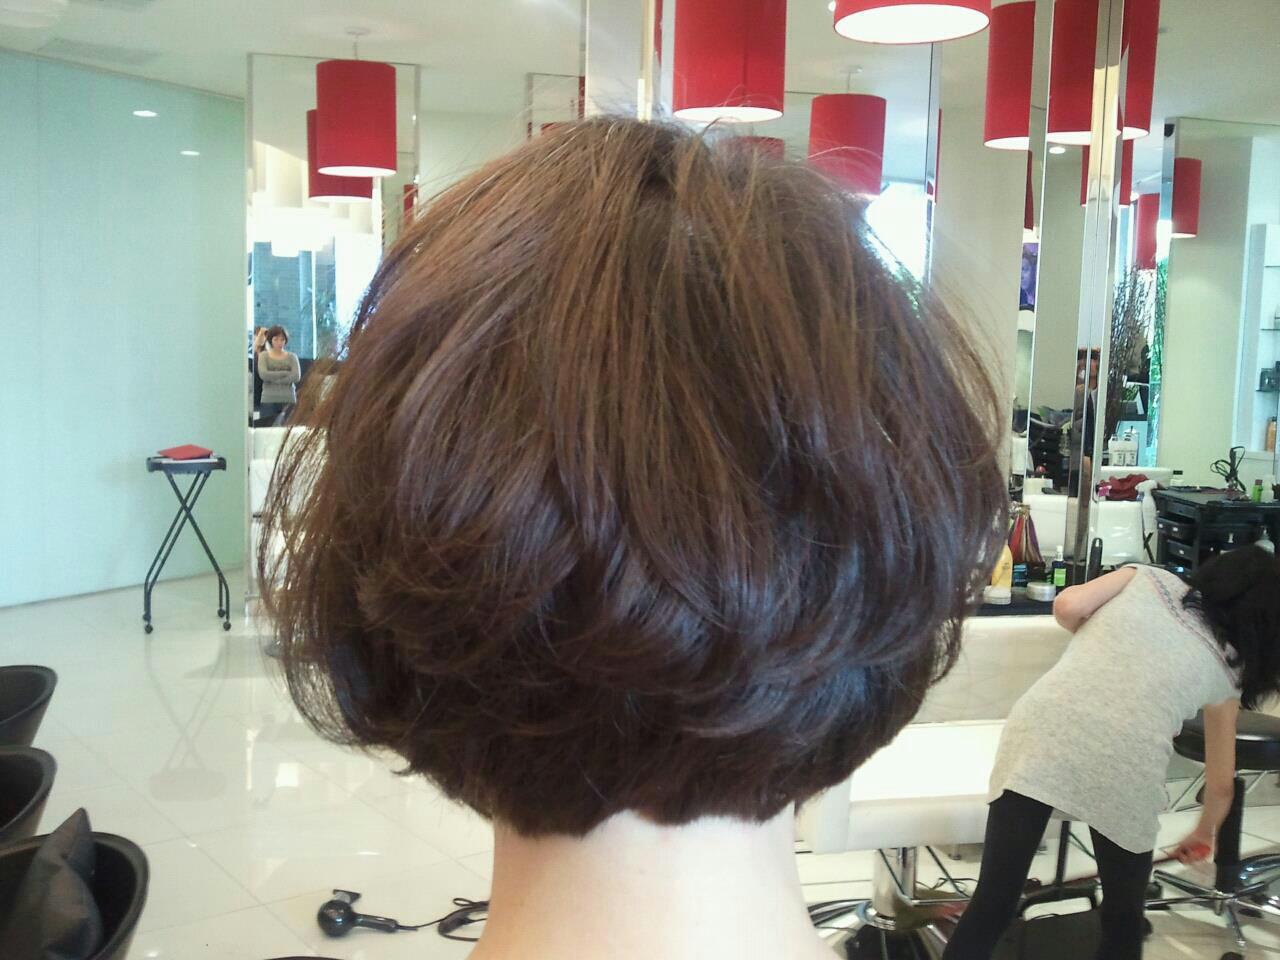 Cool What Is A Digital Perm Hair By Kriss Short Hairstyles Gunalazisus